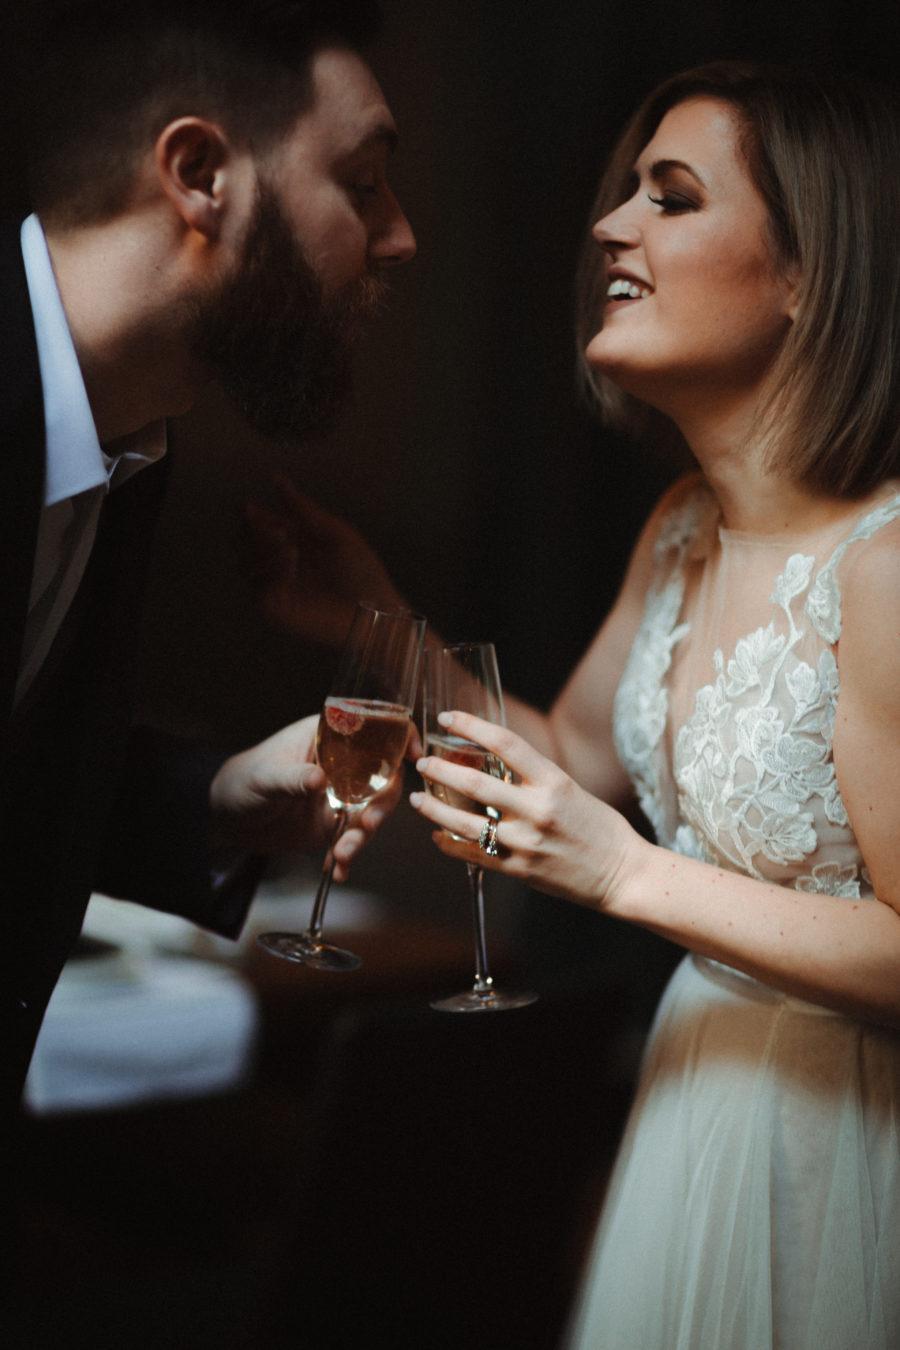 Champagne toast: Nashville brunch elopement featured on Nashville Bride Guide